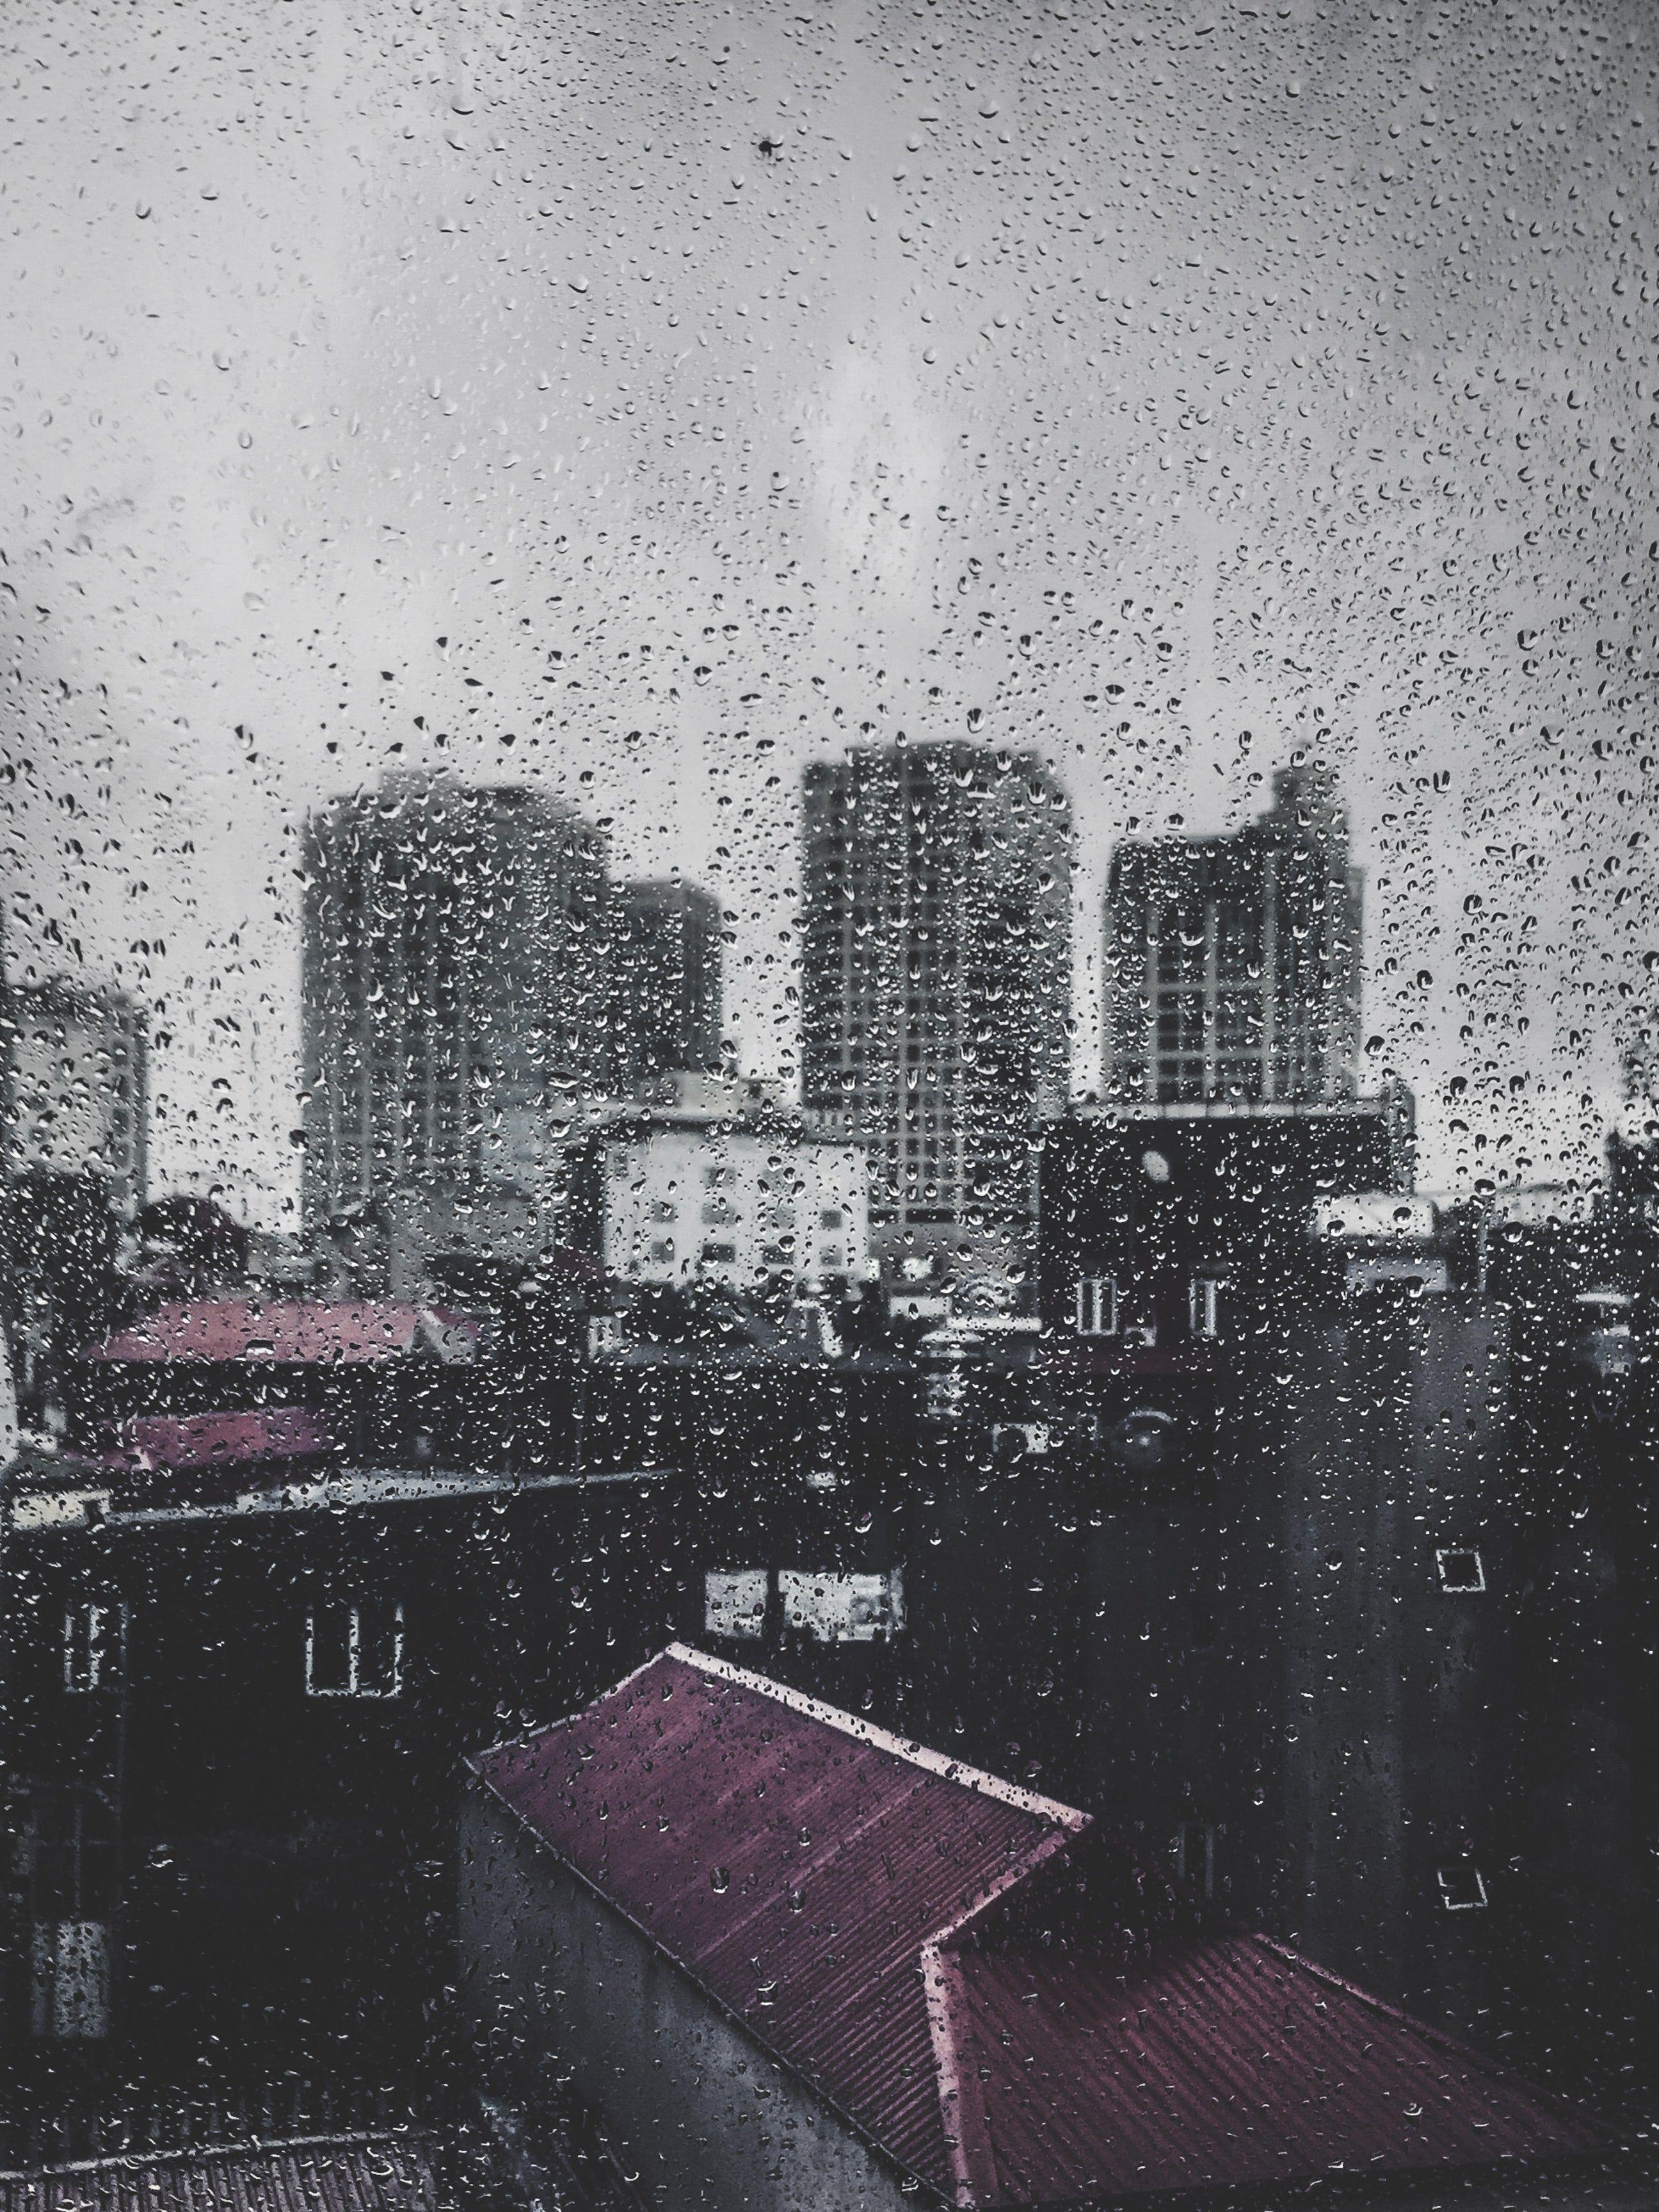 данной картинки дождя в городе из окна сделал это